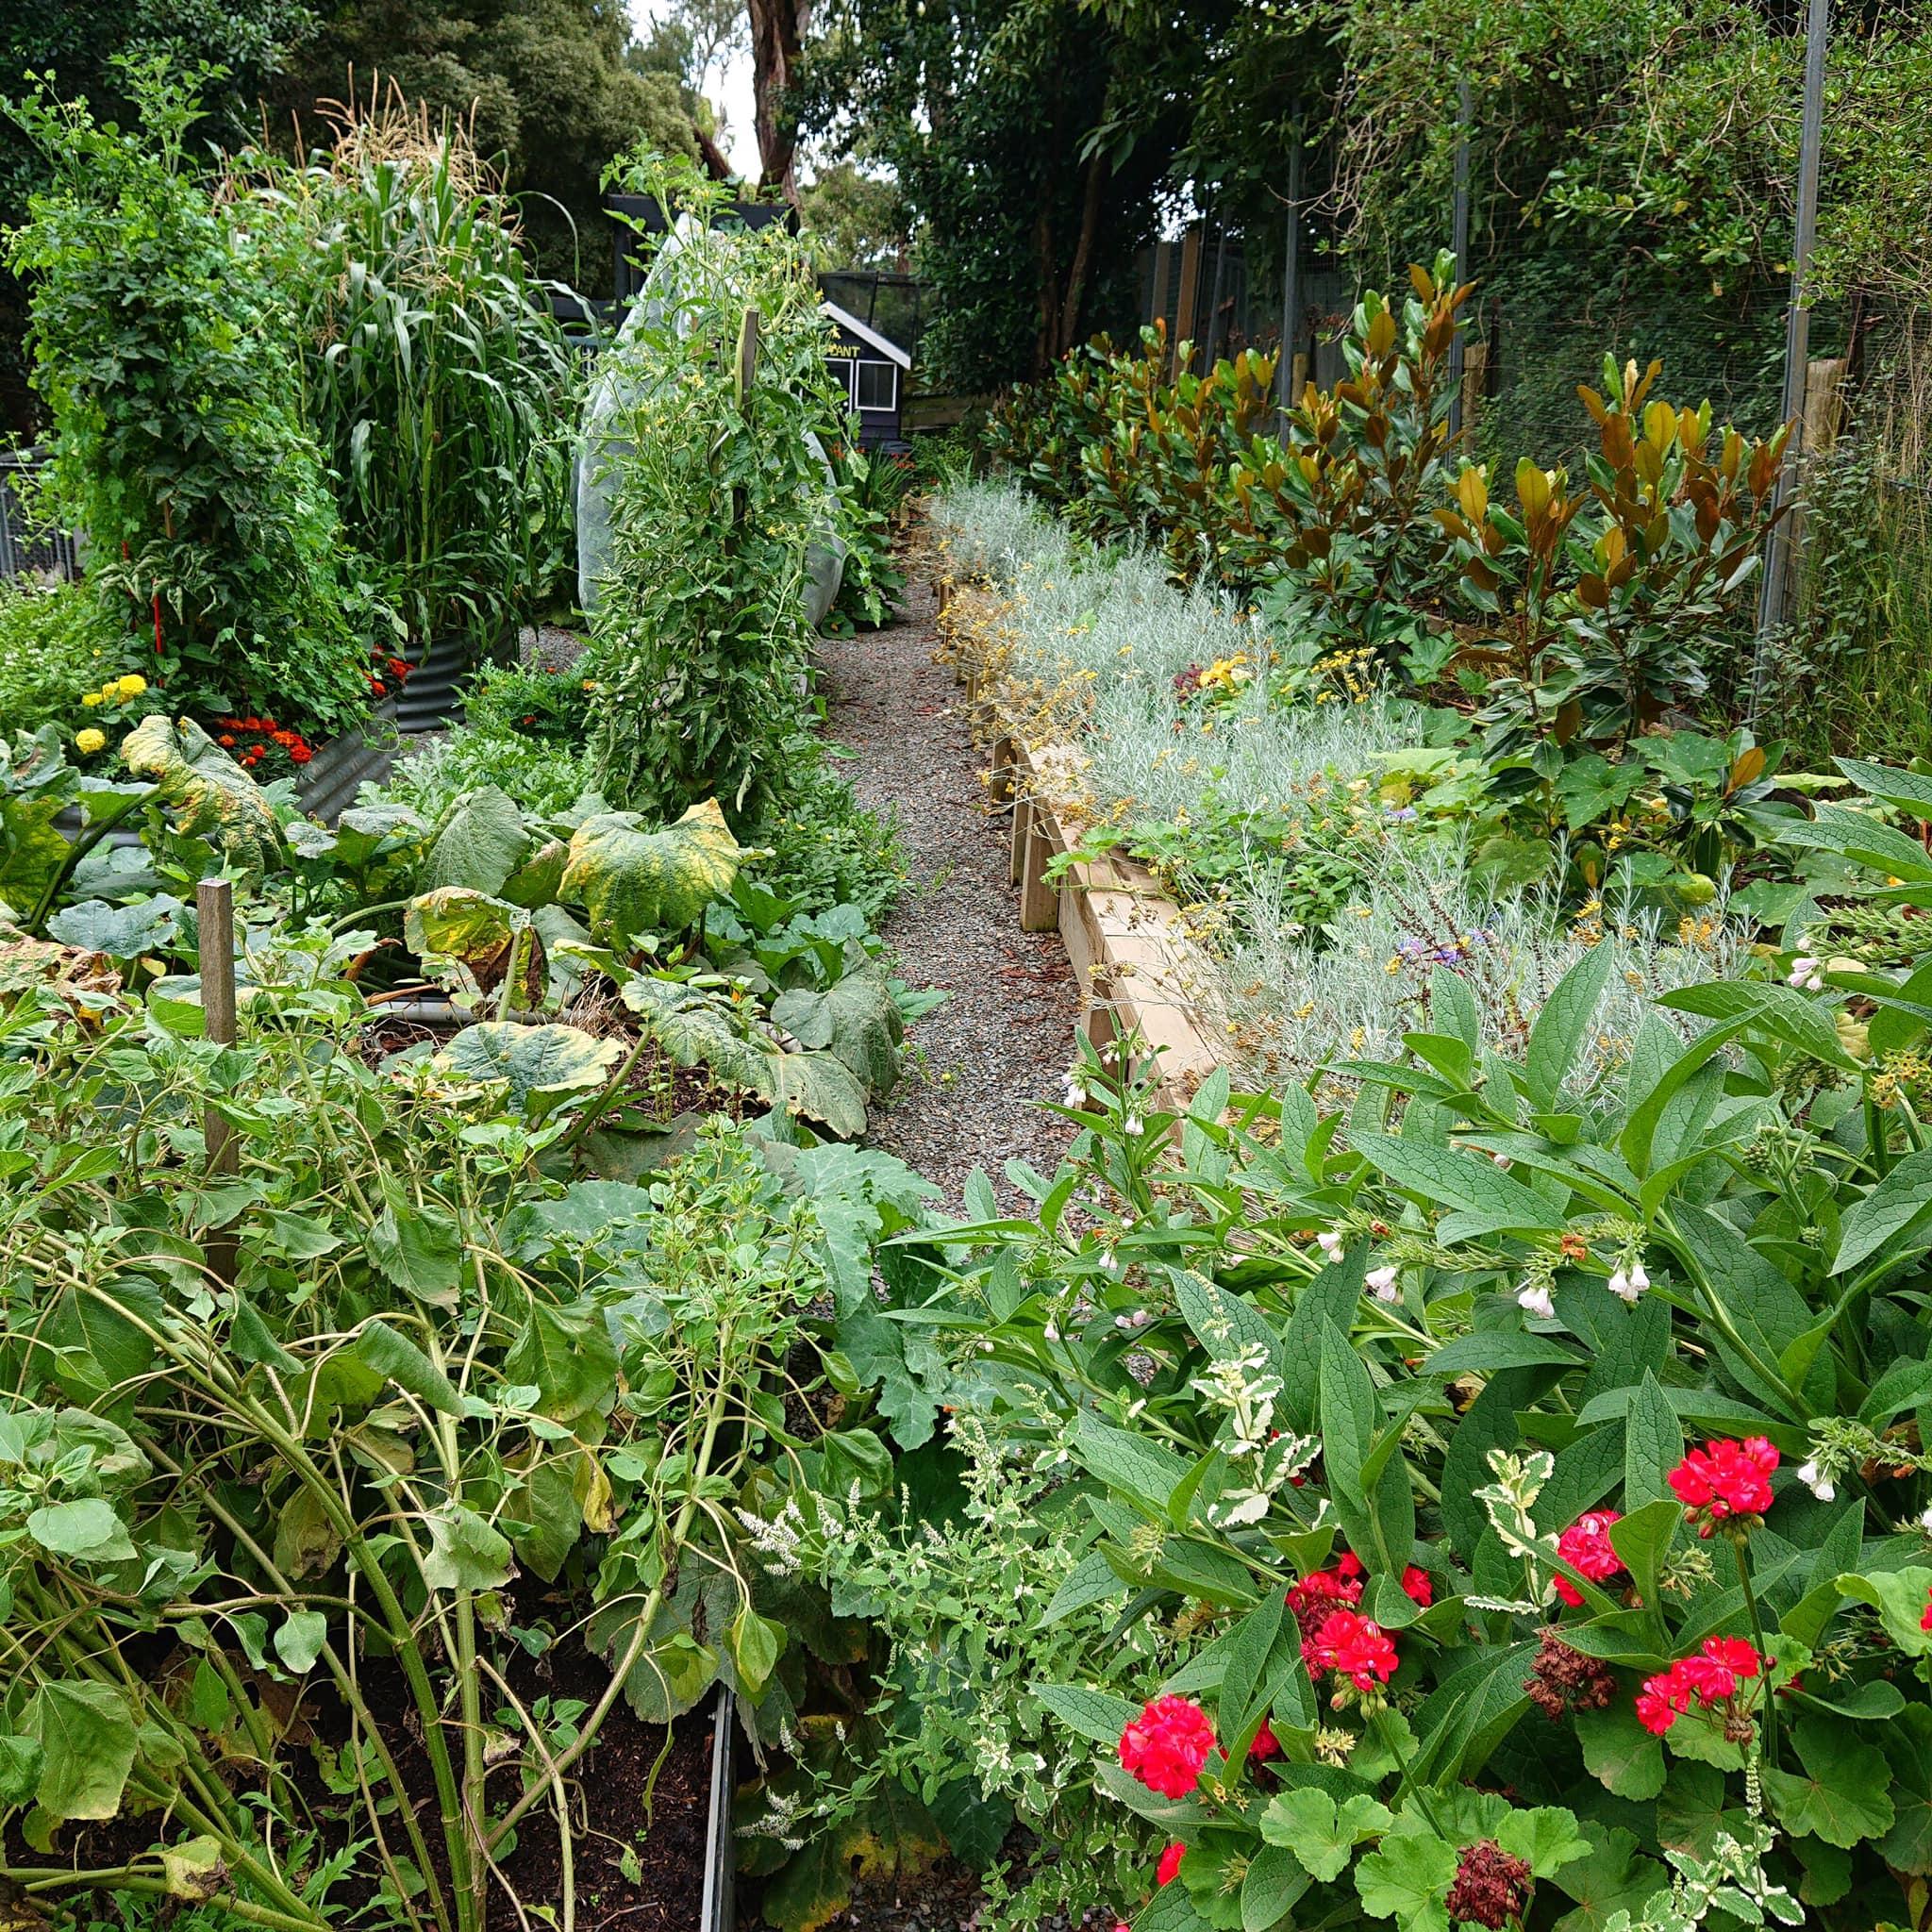 """Khu vườn 2800m2 quanh năm ngập tràn rau quả của người phụ nữ được mệnh danh là người """"nghiện cây"""" - Ảnh 7."""